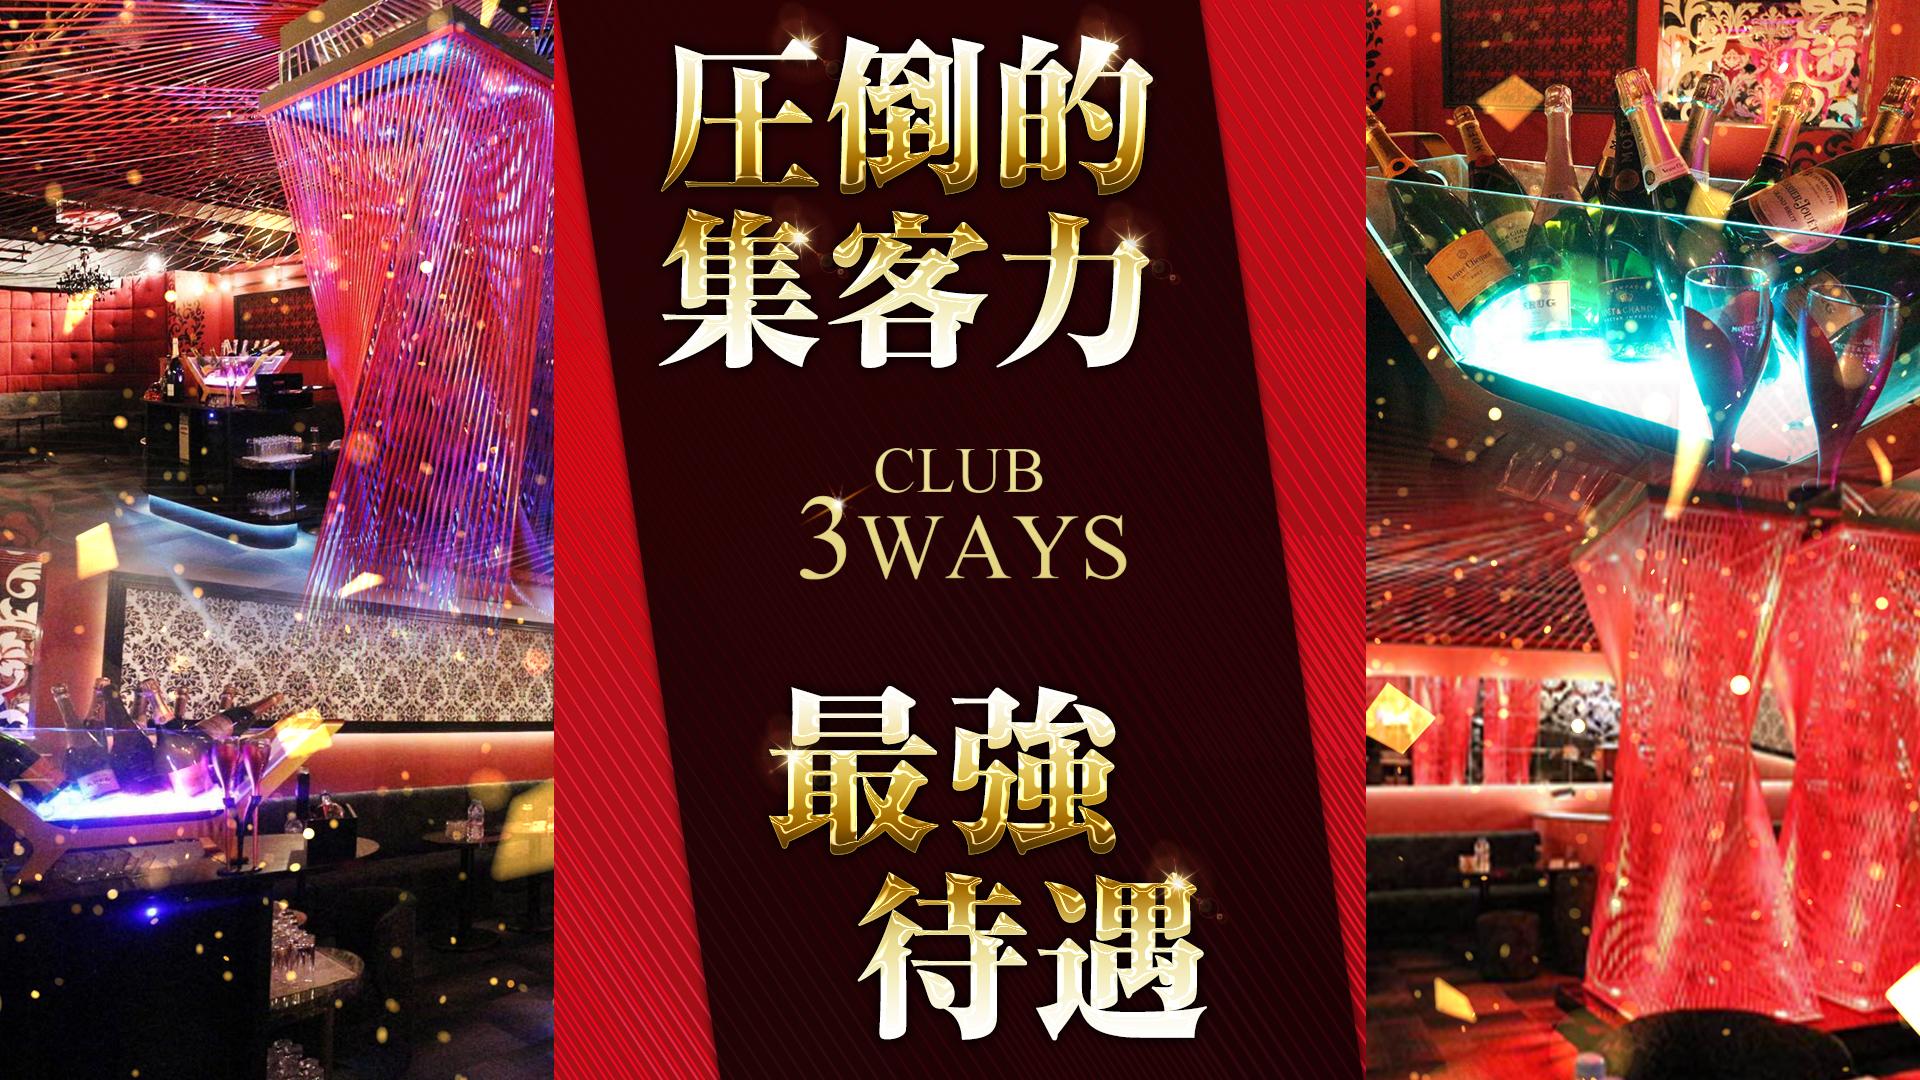 CLUB 3 WAYS[スリーウェイズ] 恵比寿 キャバクラ TOP画像